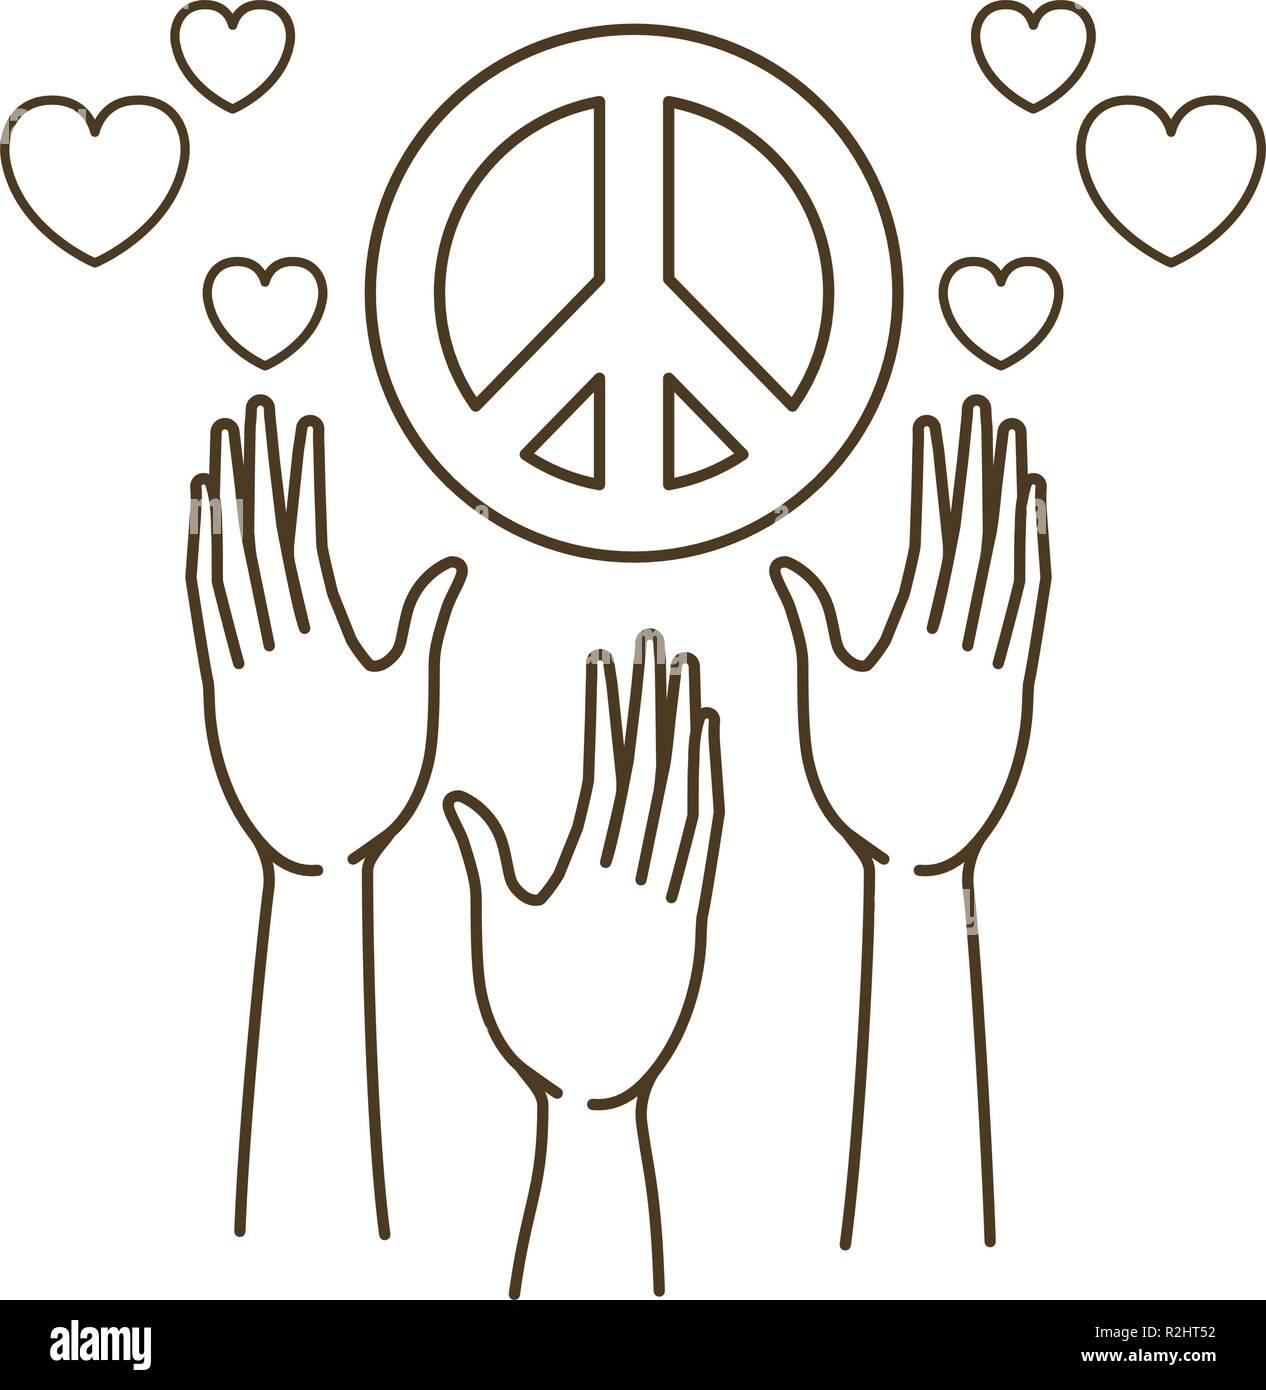 Recevoir des mains symbole d'amour et de paix Photo Stock